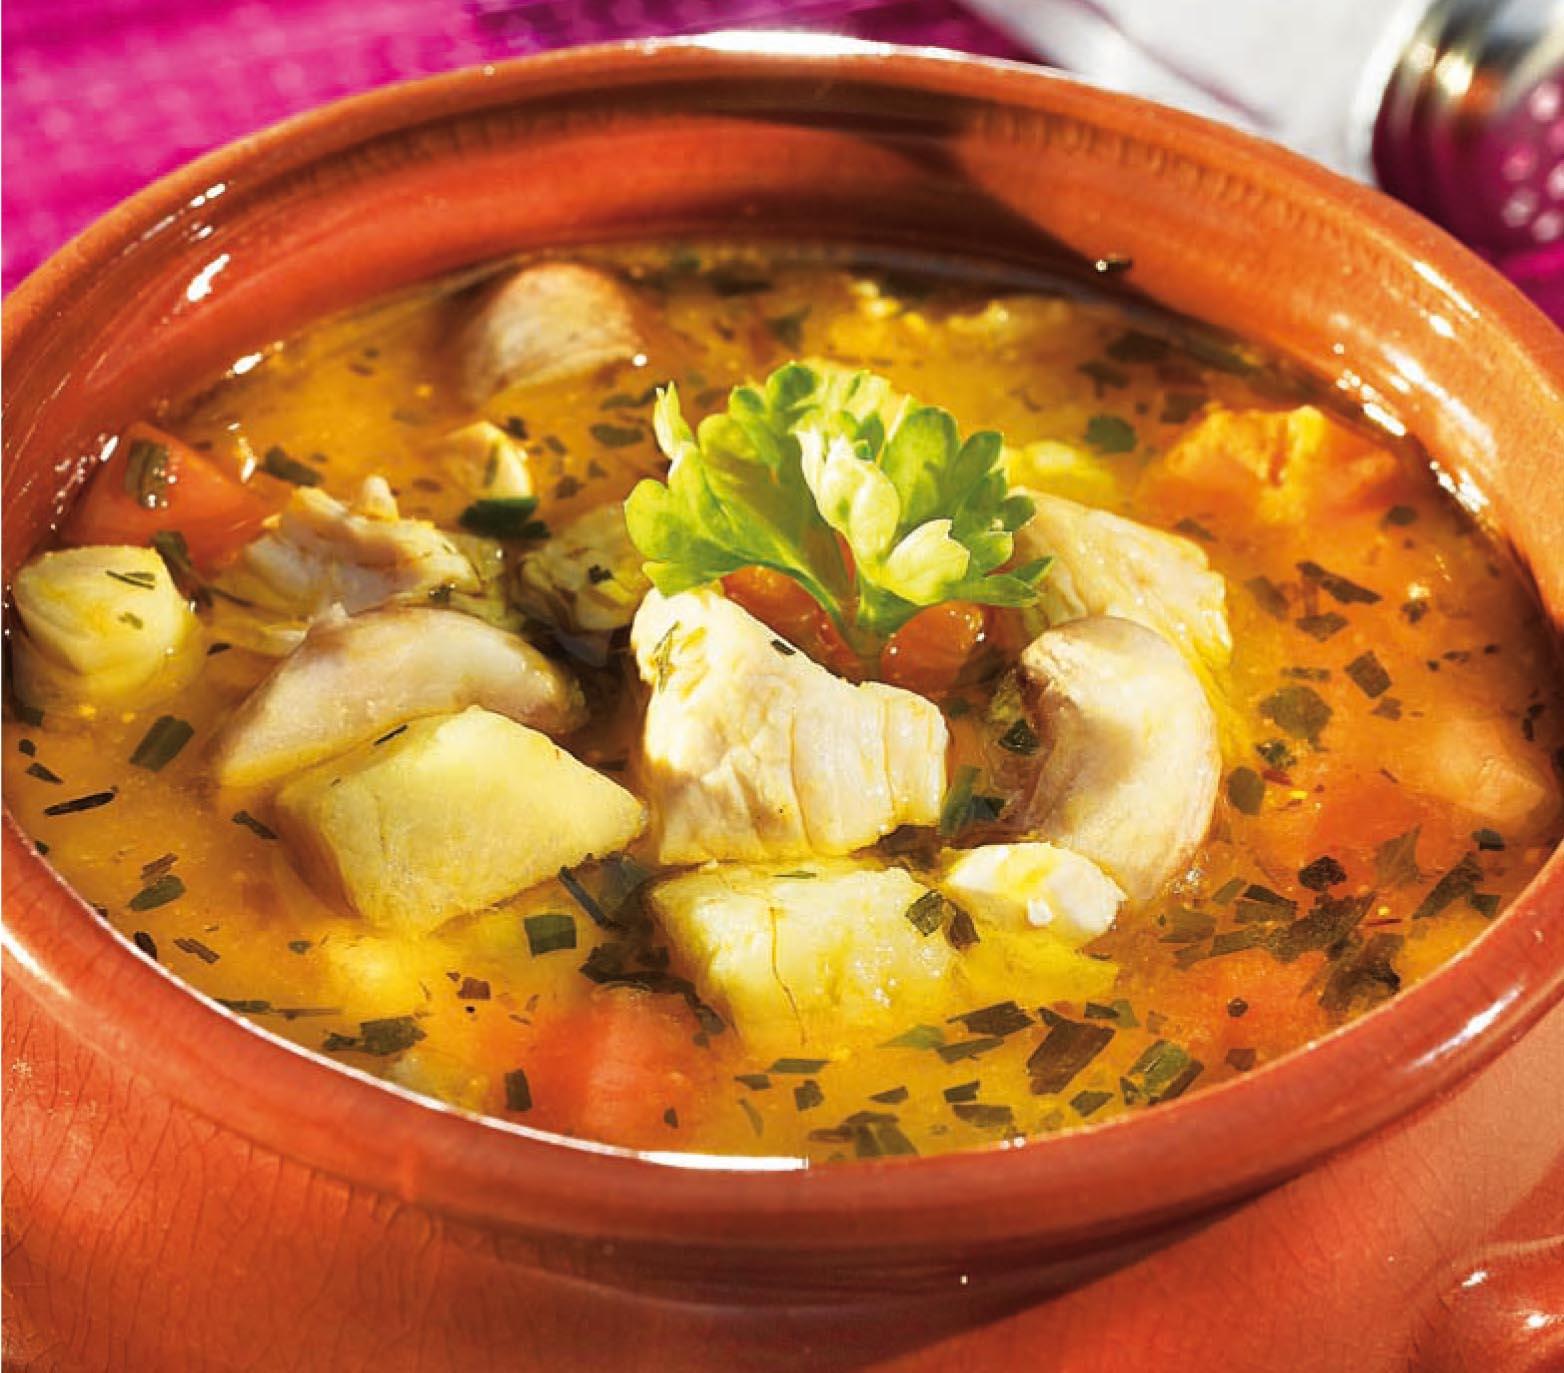 Pulykabecsinált leves